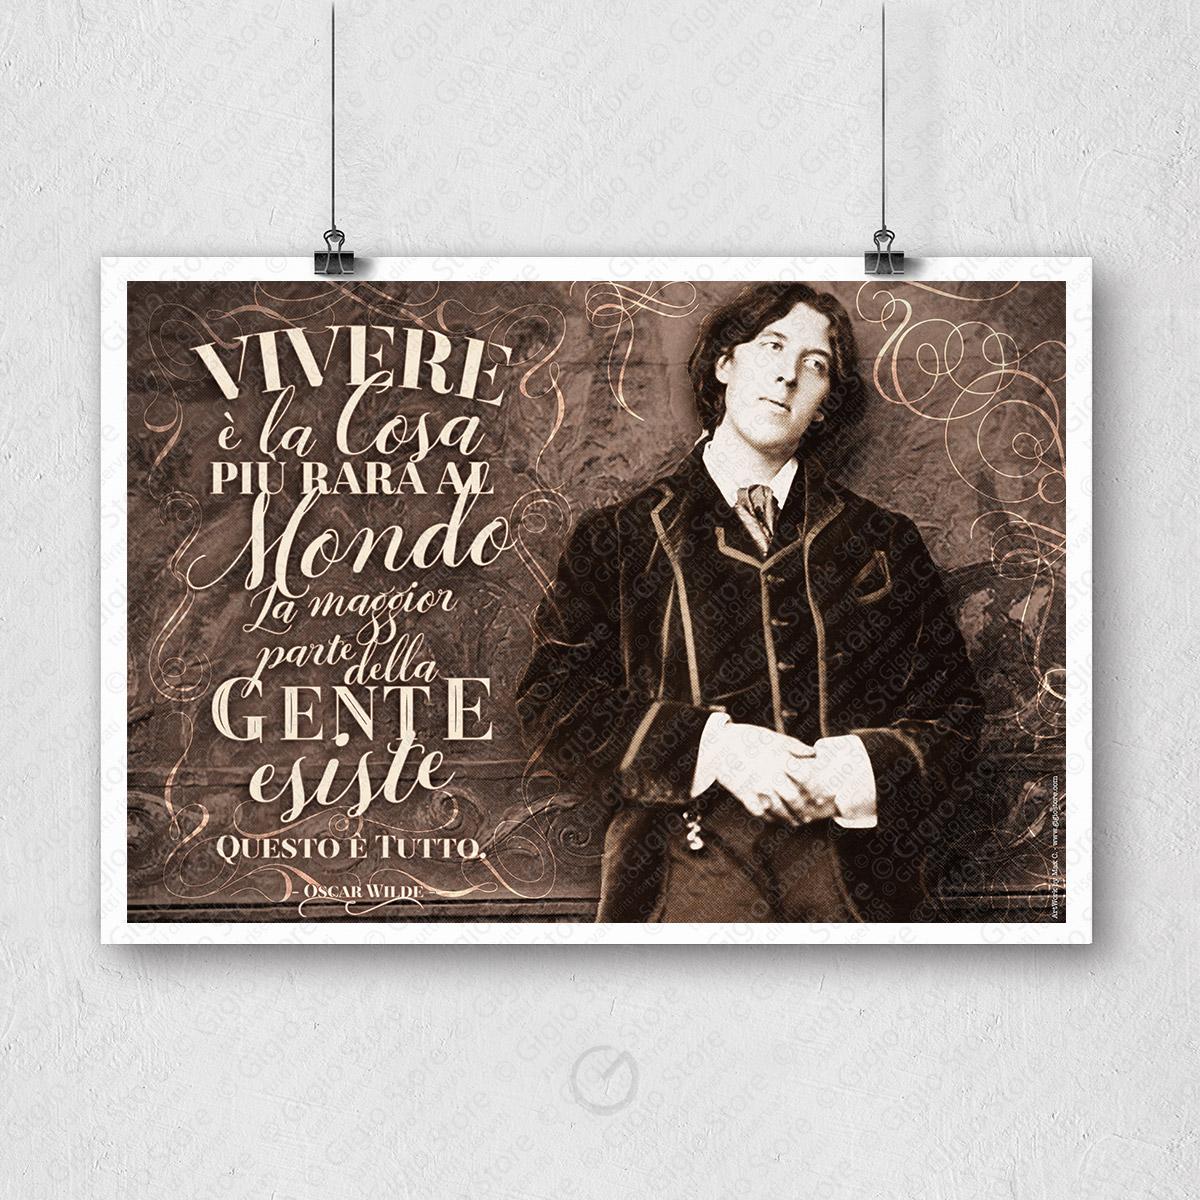 Vivere è la cosa più rara al mondo la maggior parte della gente esiste questo è tutto Poster Adesivi Muri citazioni Oscar Wilde